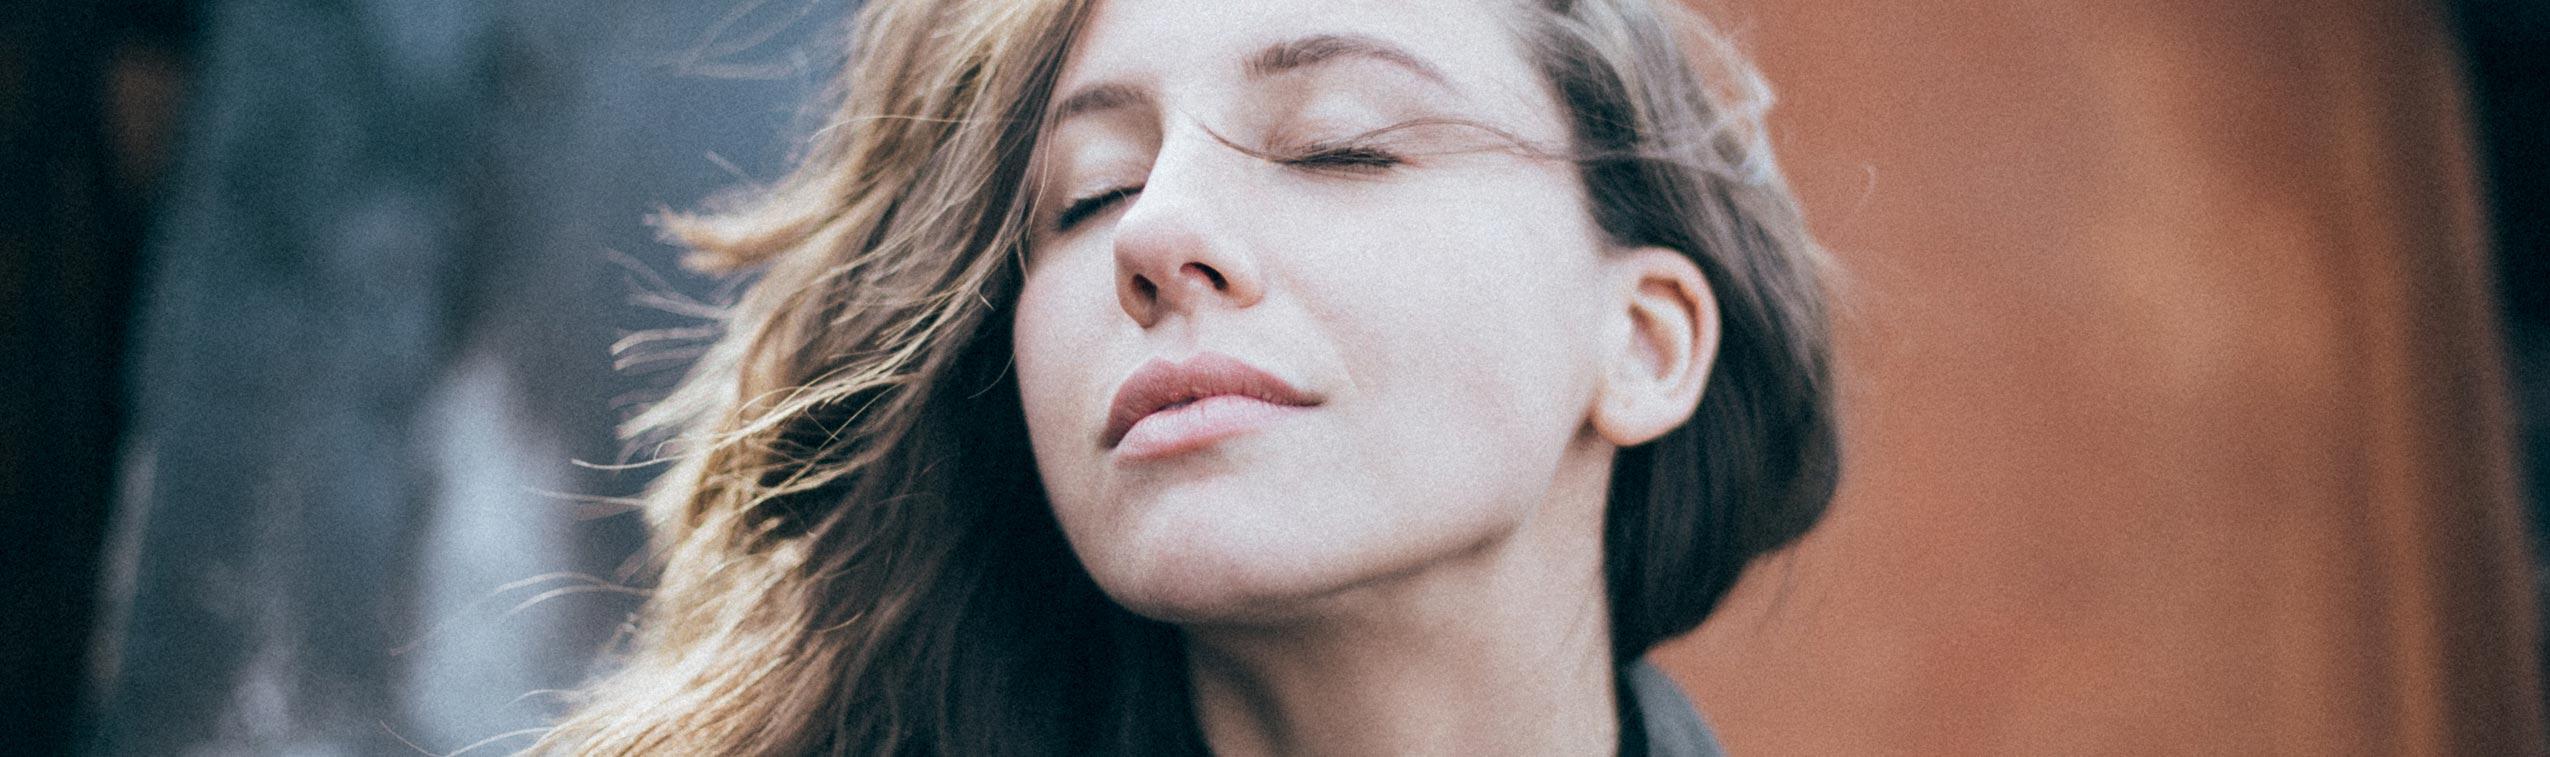 Relajación a través de la Respiración Alternada - hipnosis alcobendas